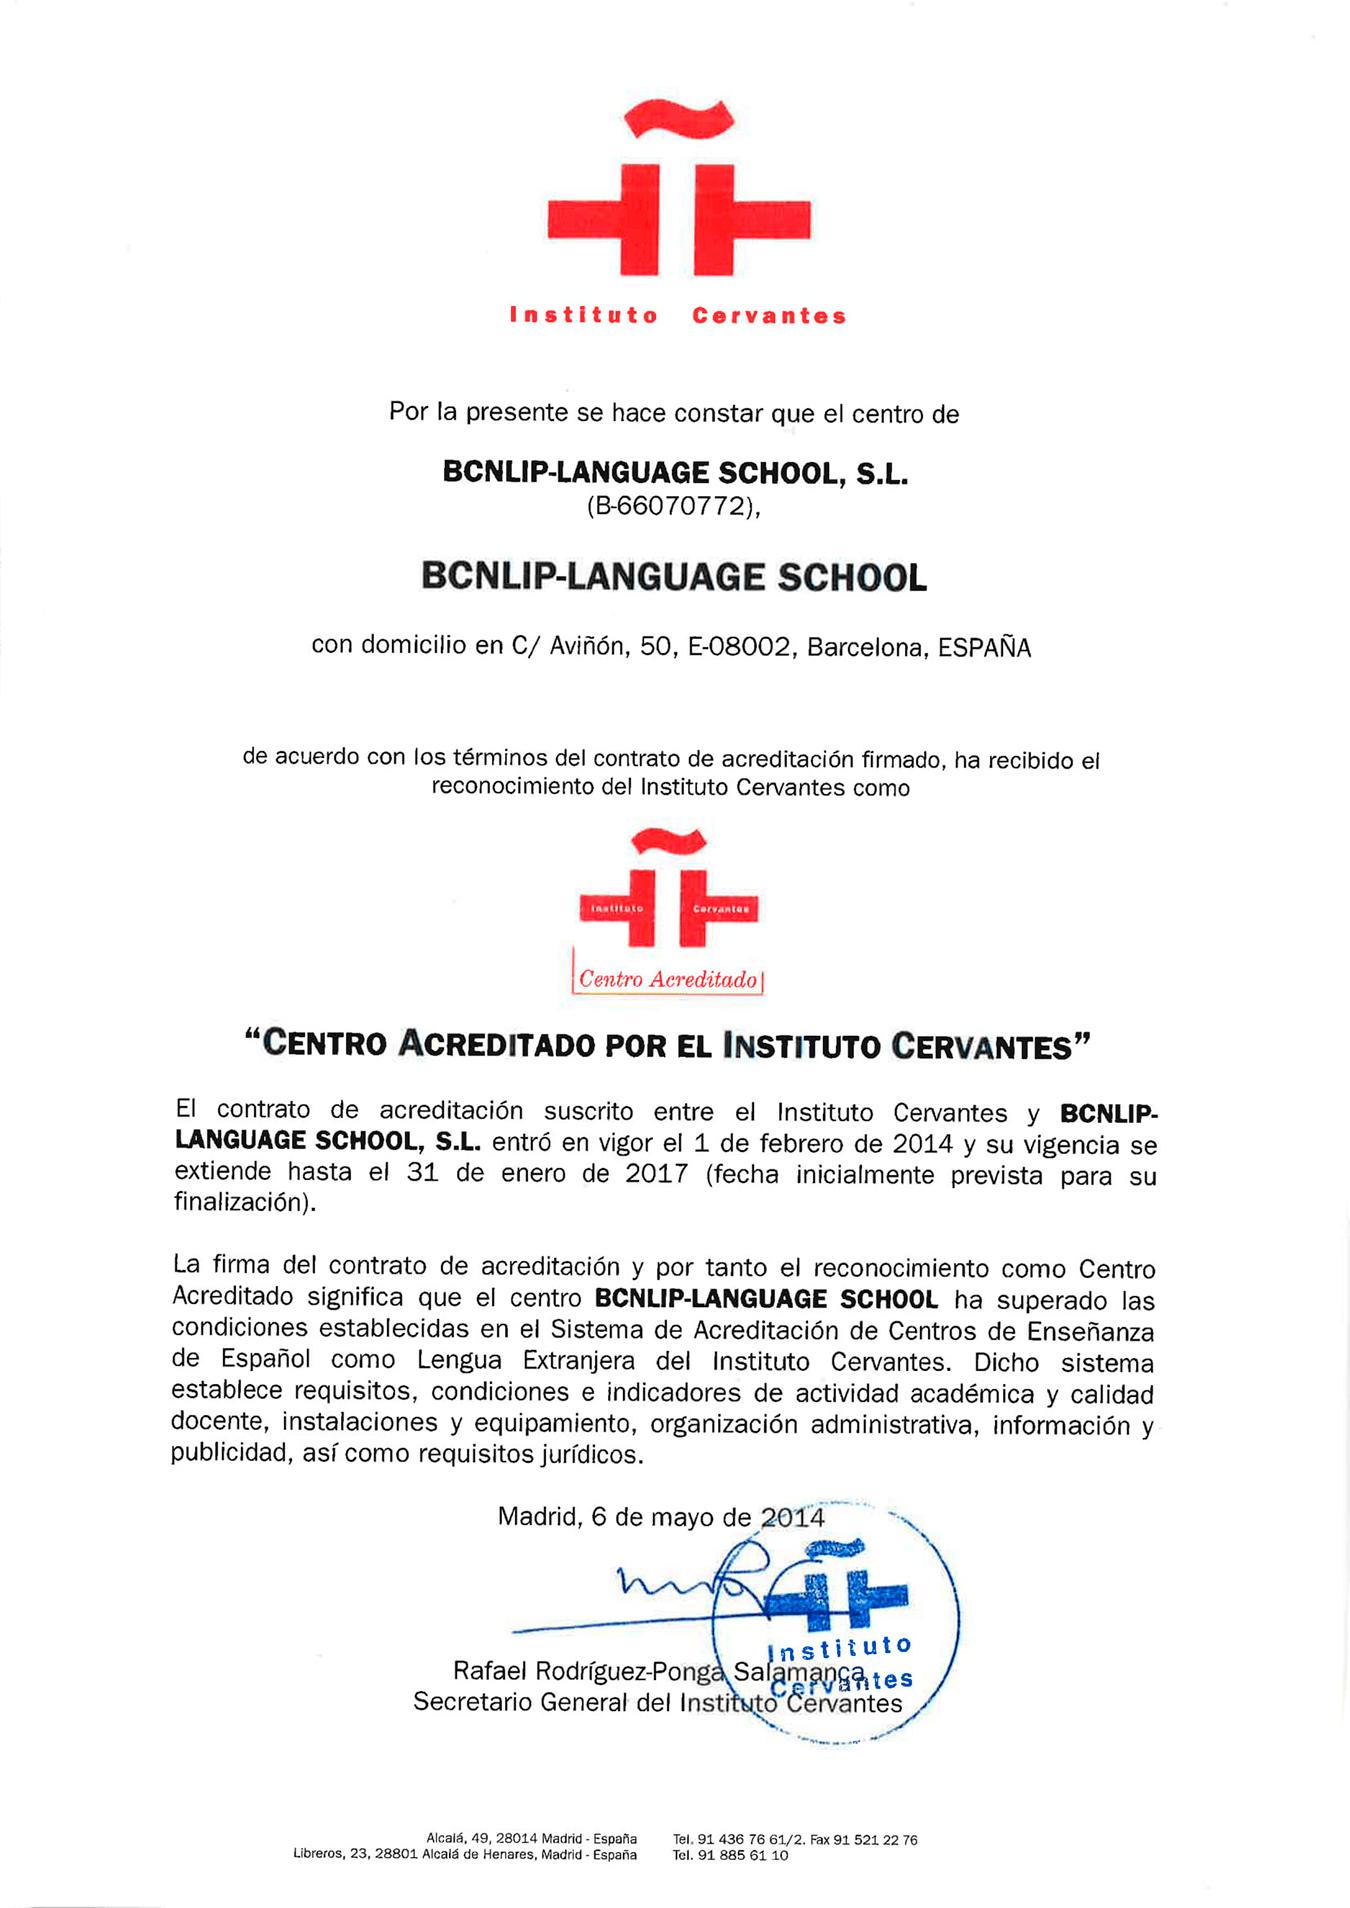 Документ, подтверждающий аккредитацию школы Институтом Сервантеса. Школа пришлет его вместе с пакетом документов на курс. У всех аккредитованных школ есть такой логотип на сайте